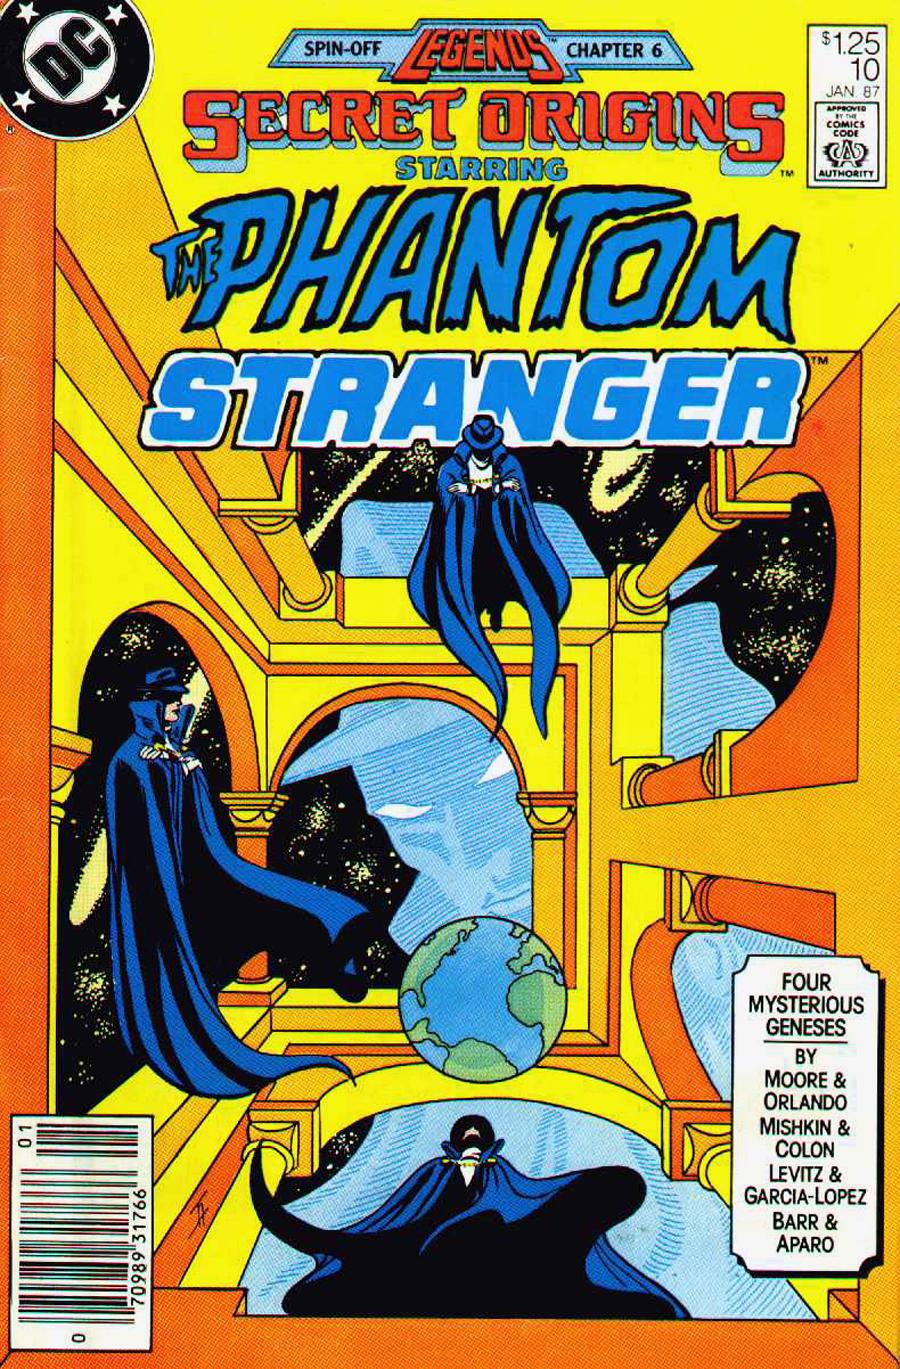 Secret Origins #10 cover by Jim Aparo